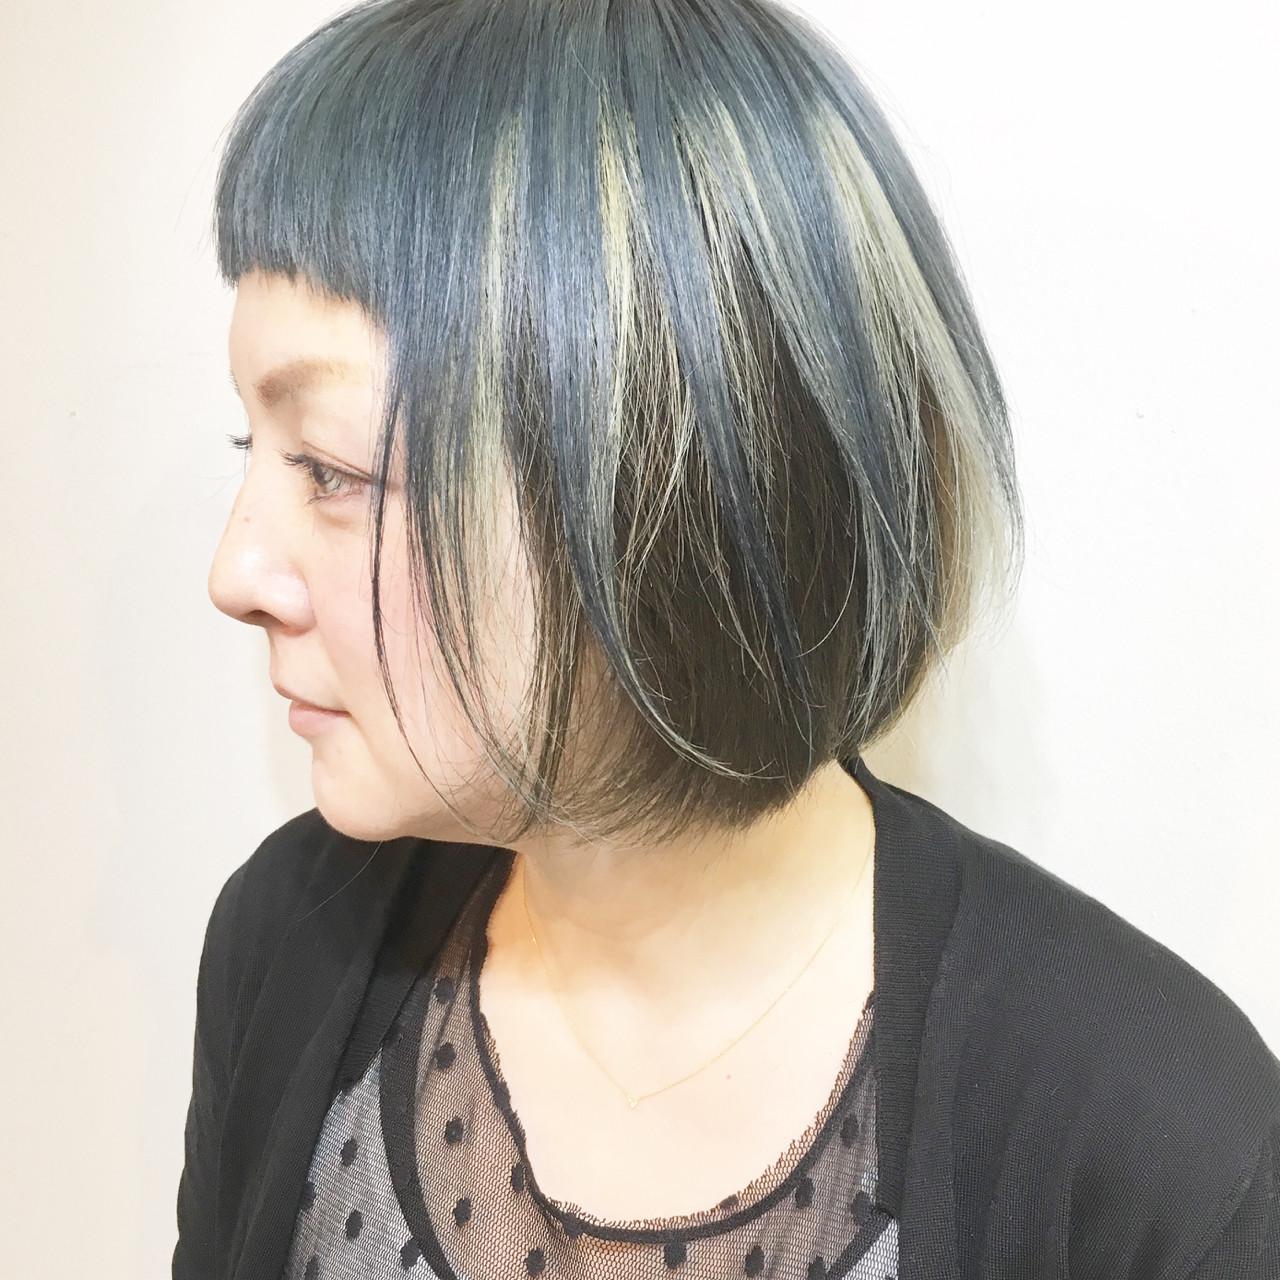 色気 マッシュ ボブ アッシュヘアスタイルや髪型の写真・画像